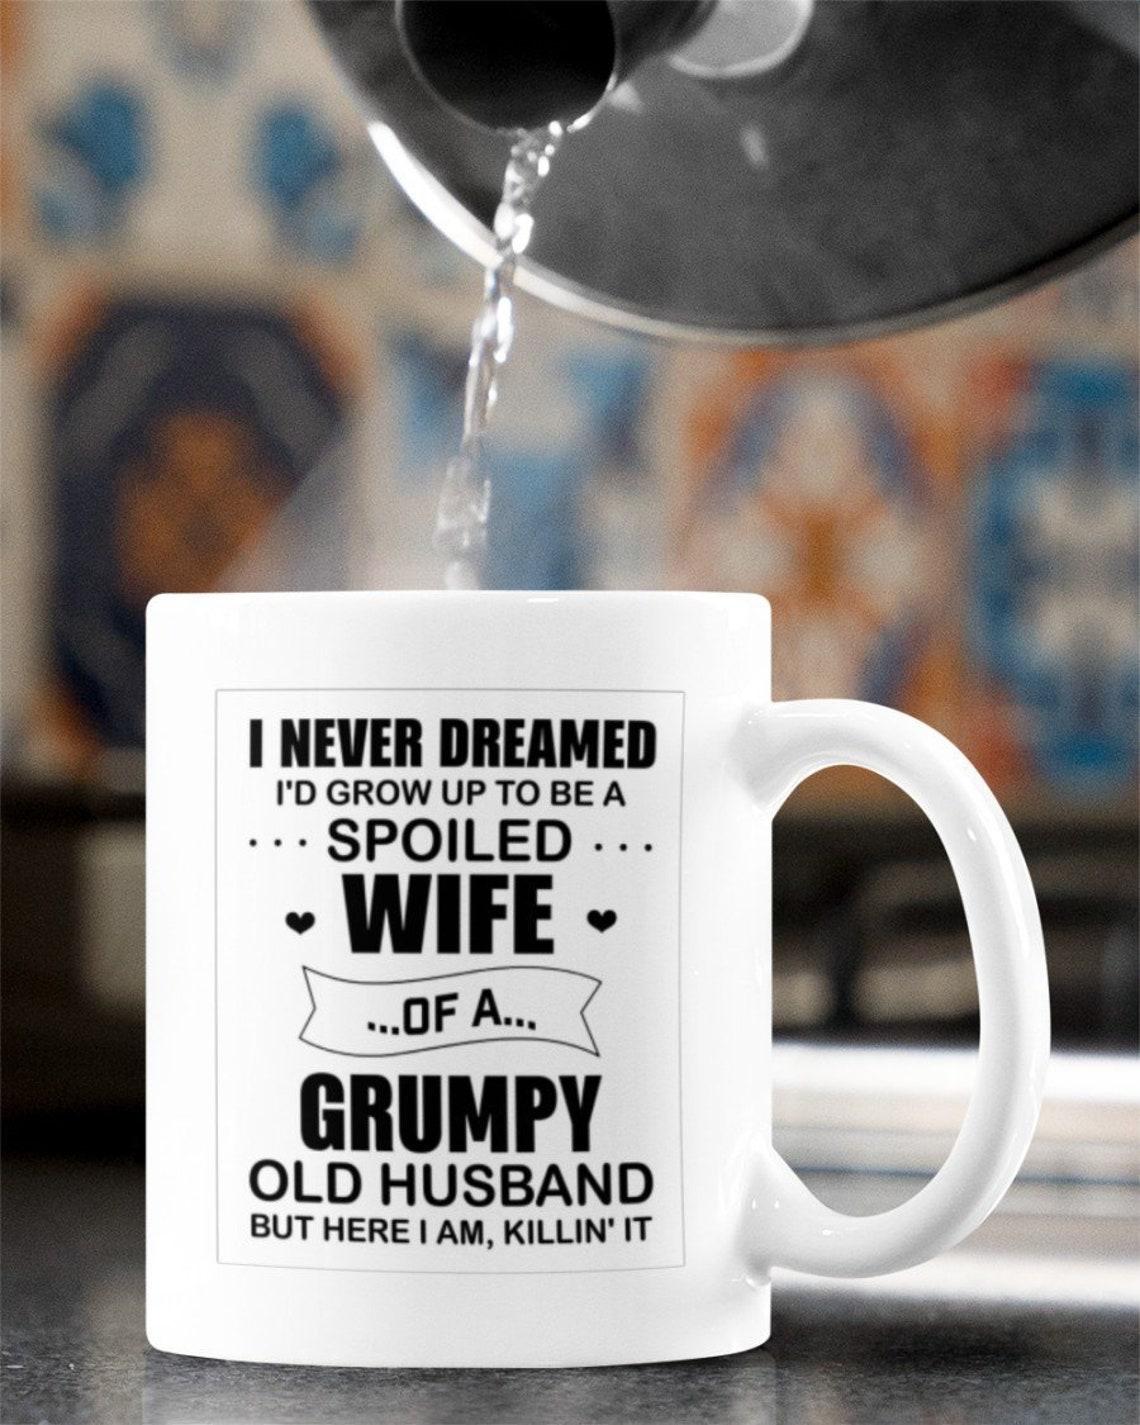 Für meine Frau Tassen ich nie geträumt ich würde wachsen